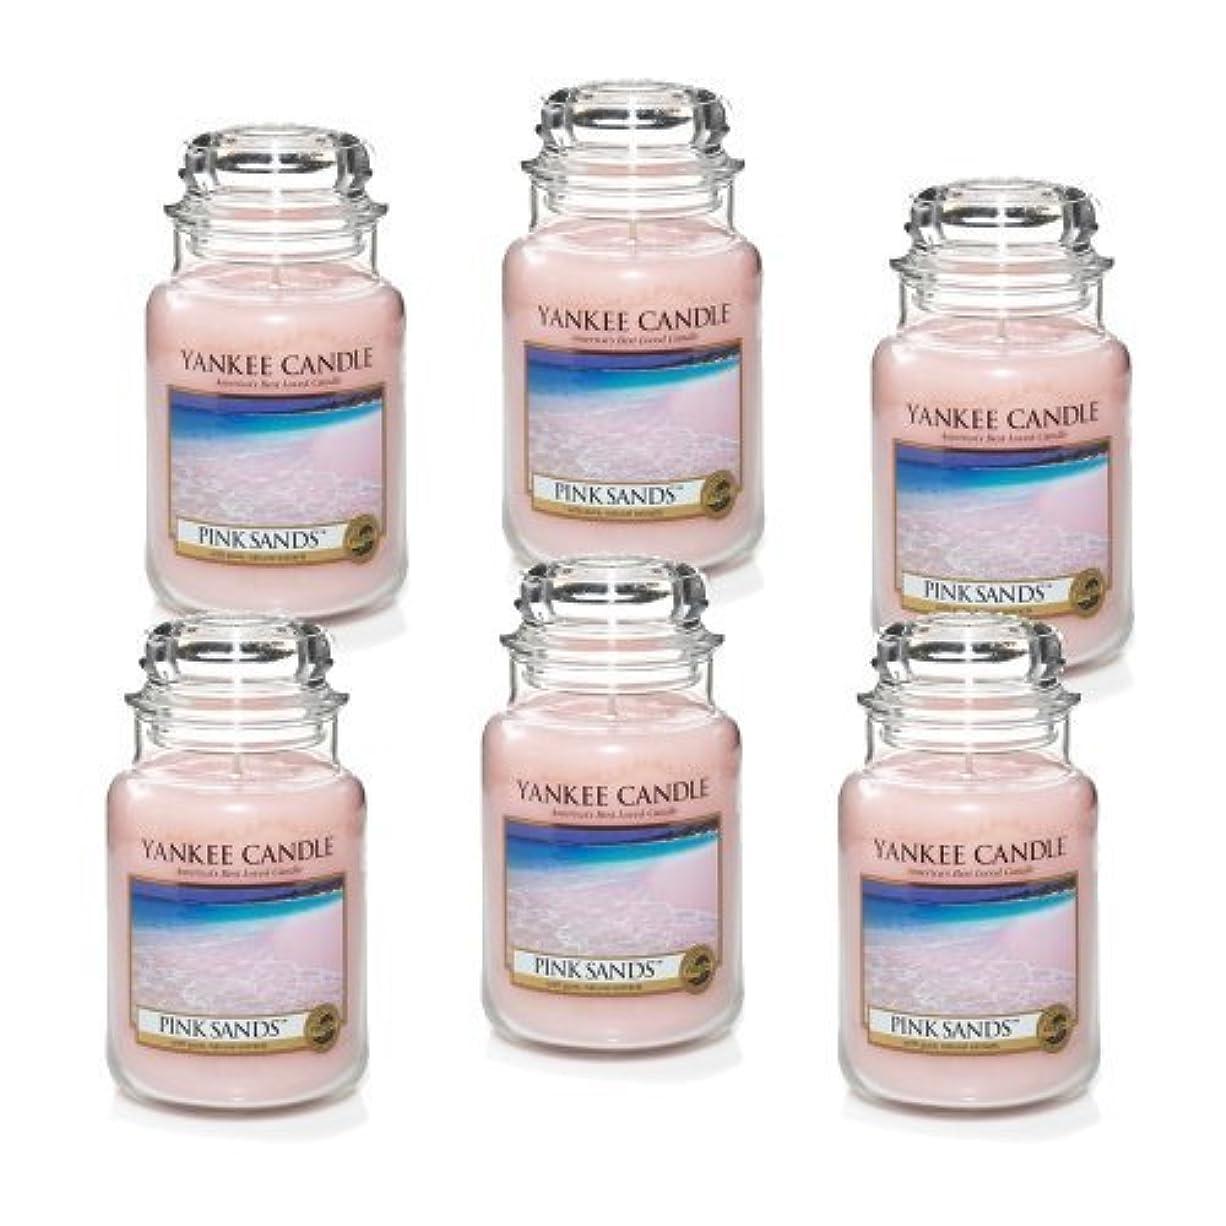 ケーブル無礼に踊り子Yankee Candle Company 22-Ounce Pink Sands Jar Candle, Large, Set of 6 by Amazon source [並行輸入品]